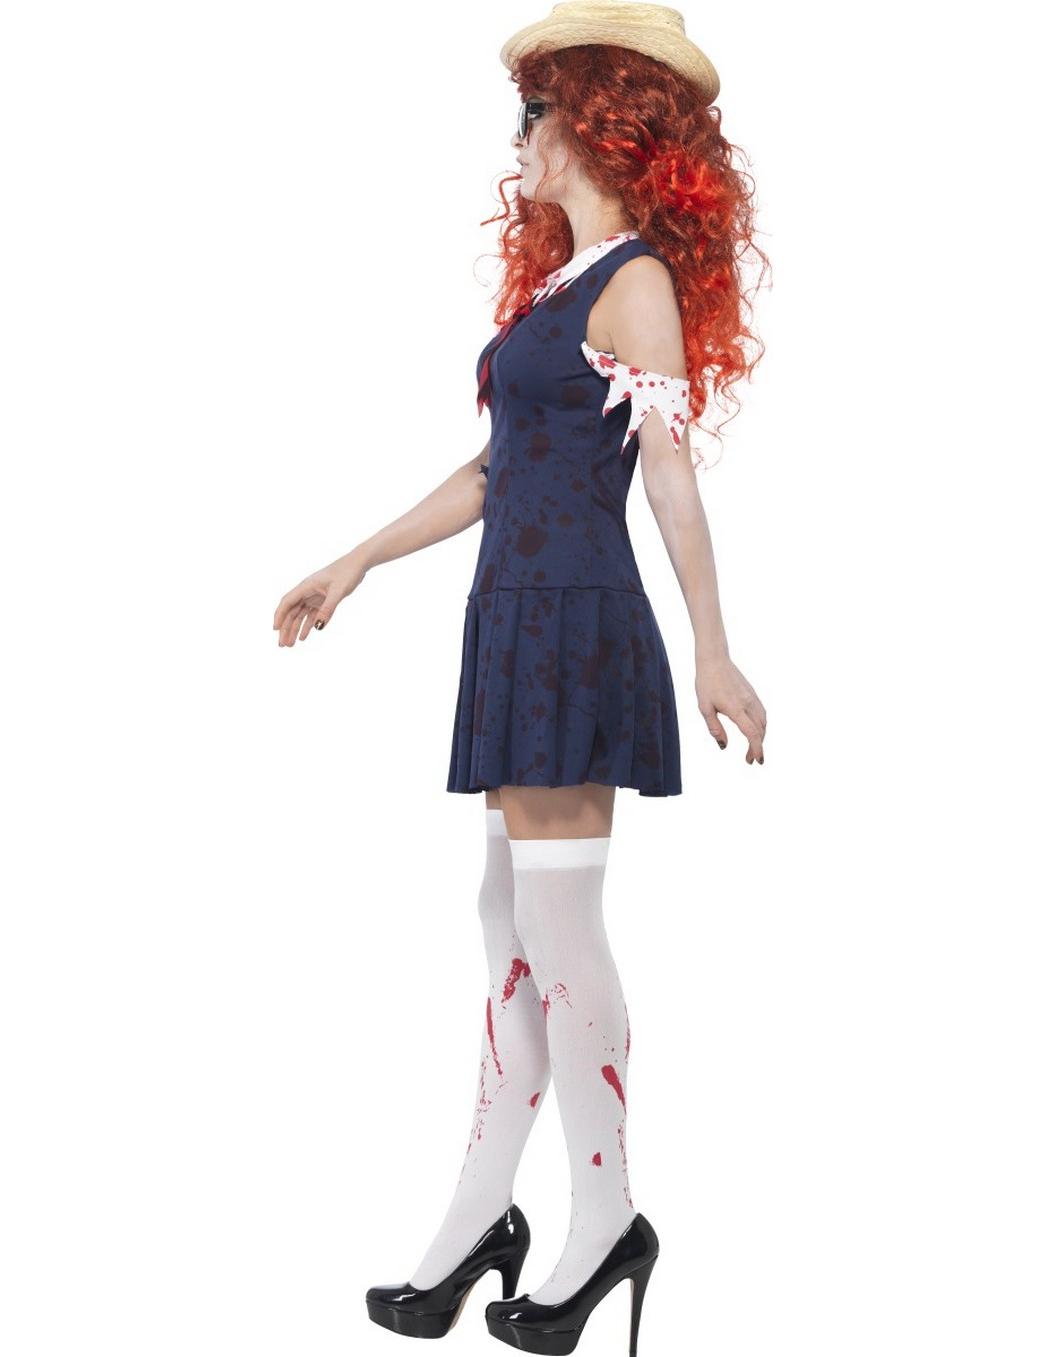 D guisement zombie coli re femme halloween achat de d guisements adultes sur vegaoopro - Deguisement zombie femme ...